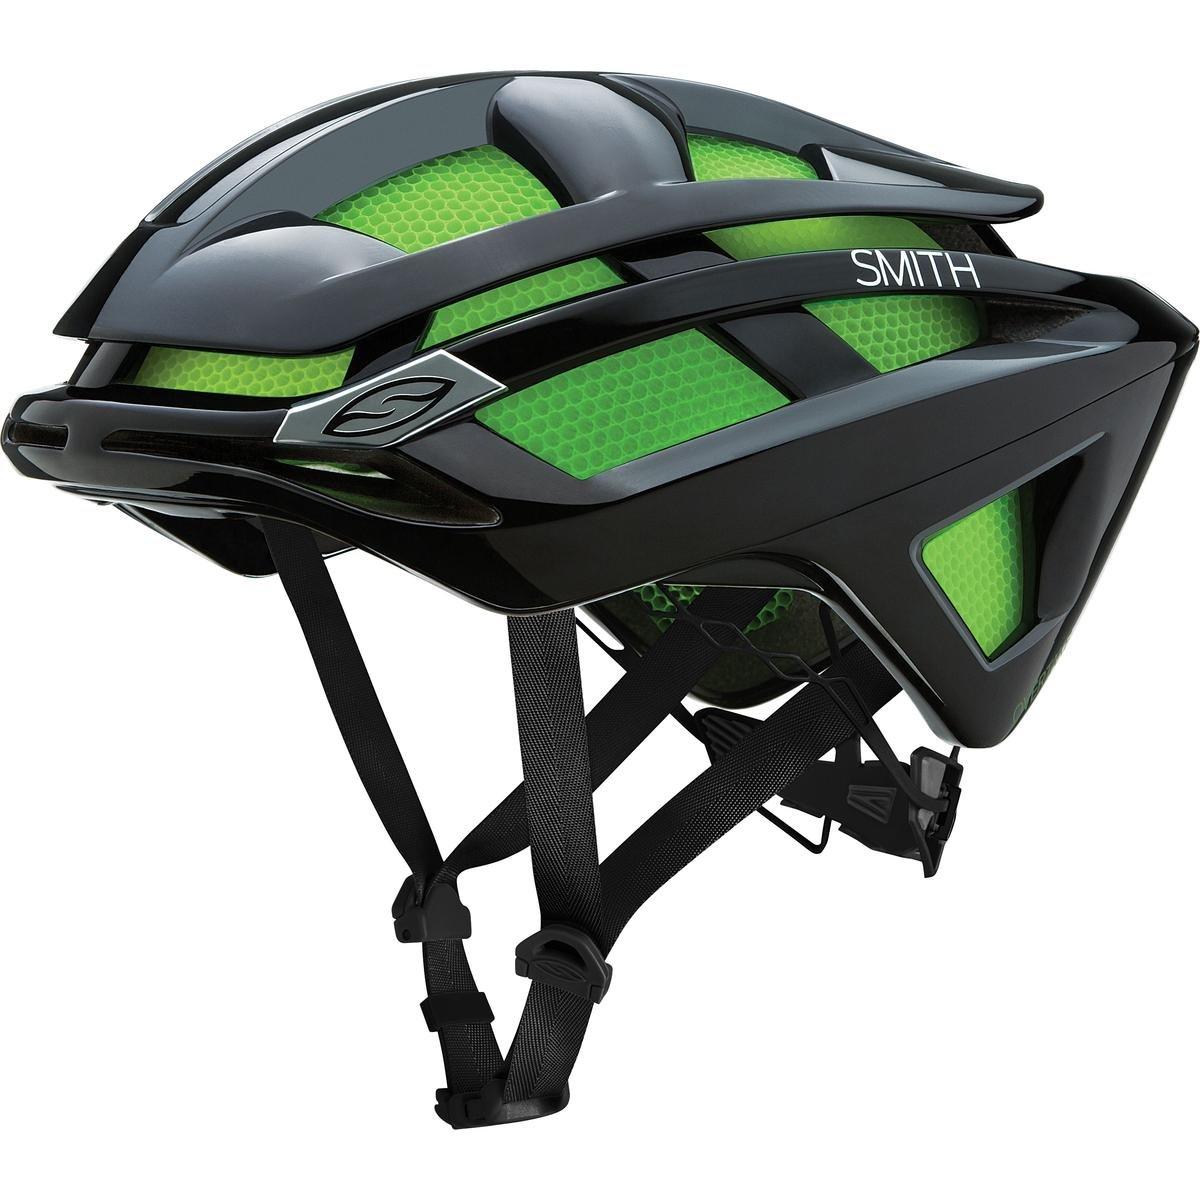 Smith Optics Overtake Adult MTB Cycling Helmet - Black/Large